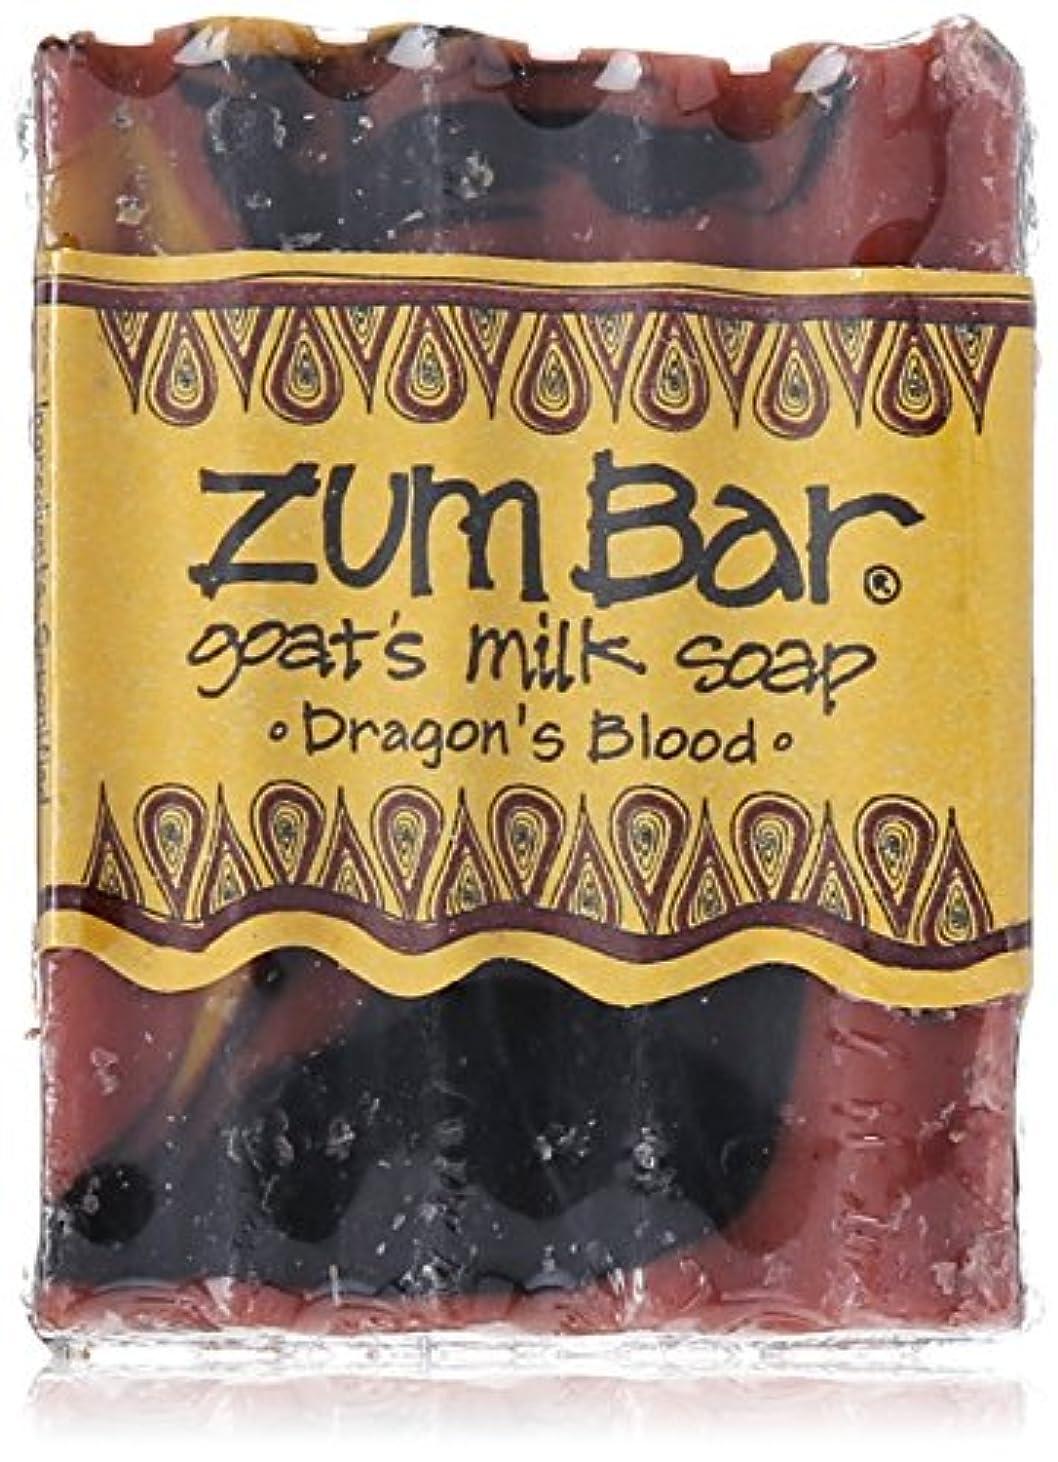 乳白色チョコレート曇った海外直送品 Indigo Wild, Zum Bar, Goat's ミルク ソープ ドラゴン ブラッド , 3 Ounces (2個セット) (Dragon's Blood) [並行輸入品]